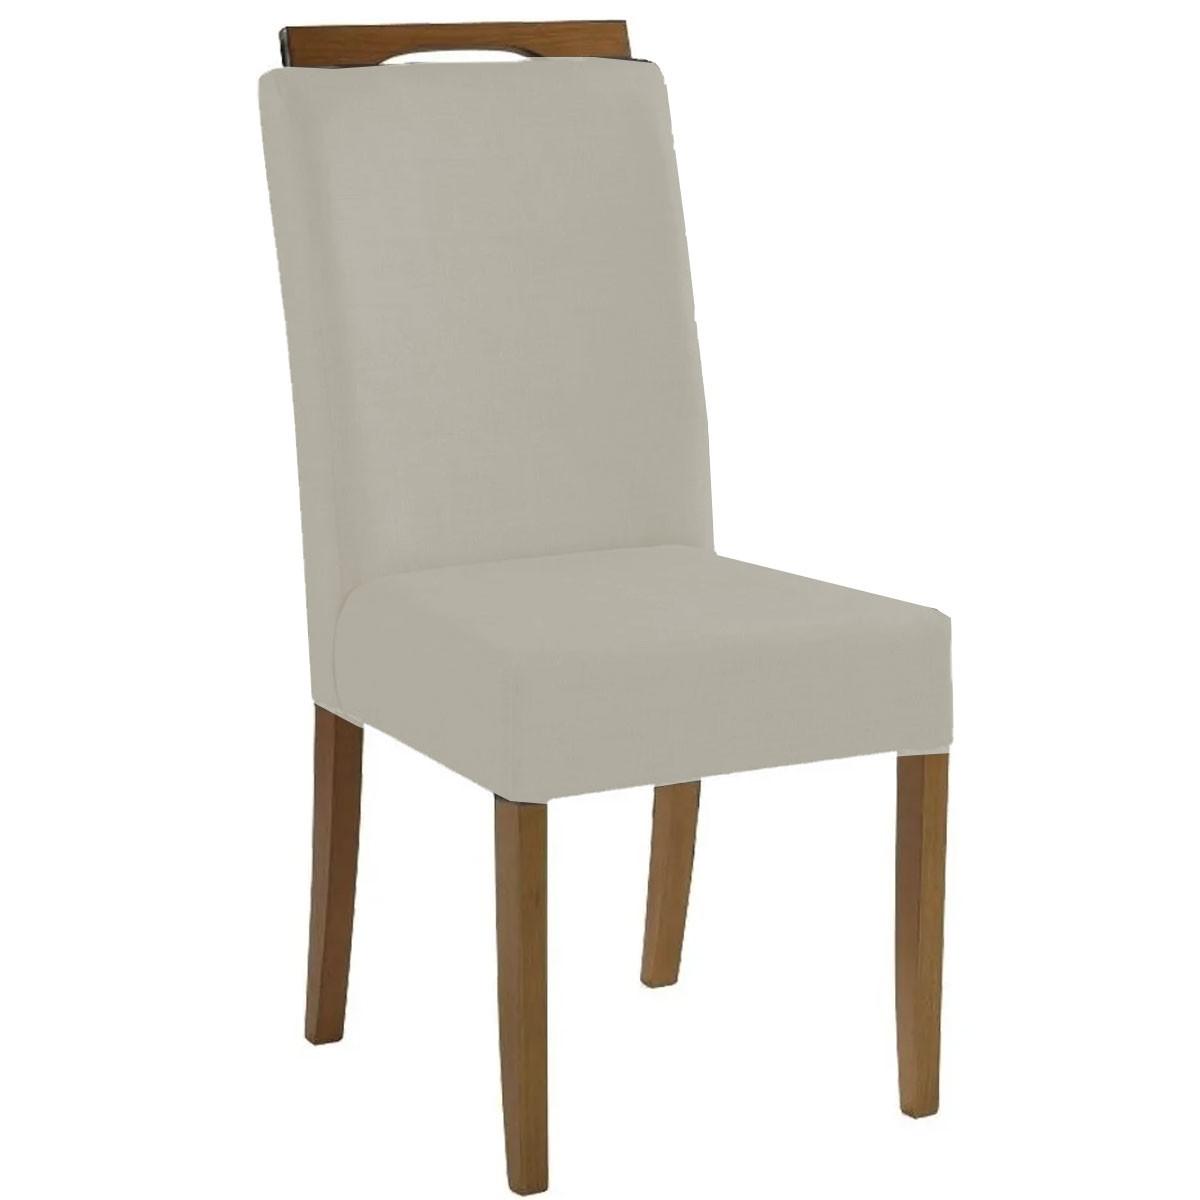 Kit 6 Cadeiras Estofadas Fabiana 100% Madeira Suede Bege